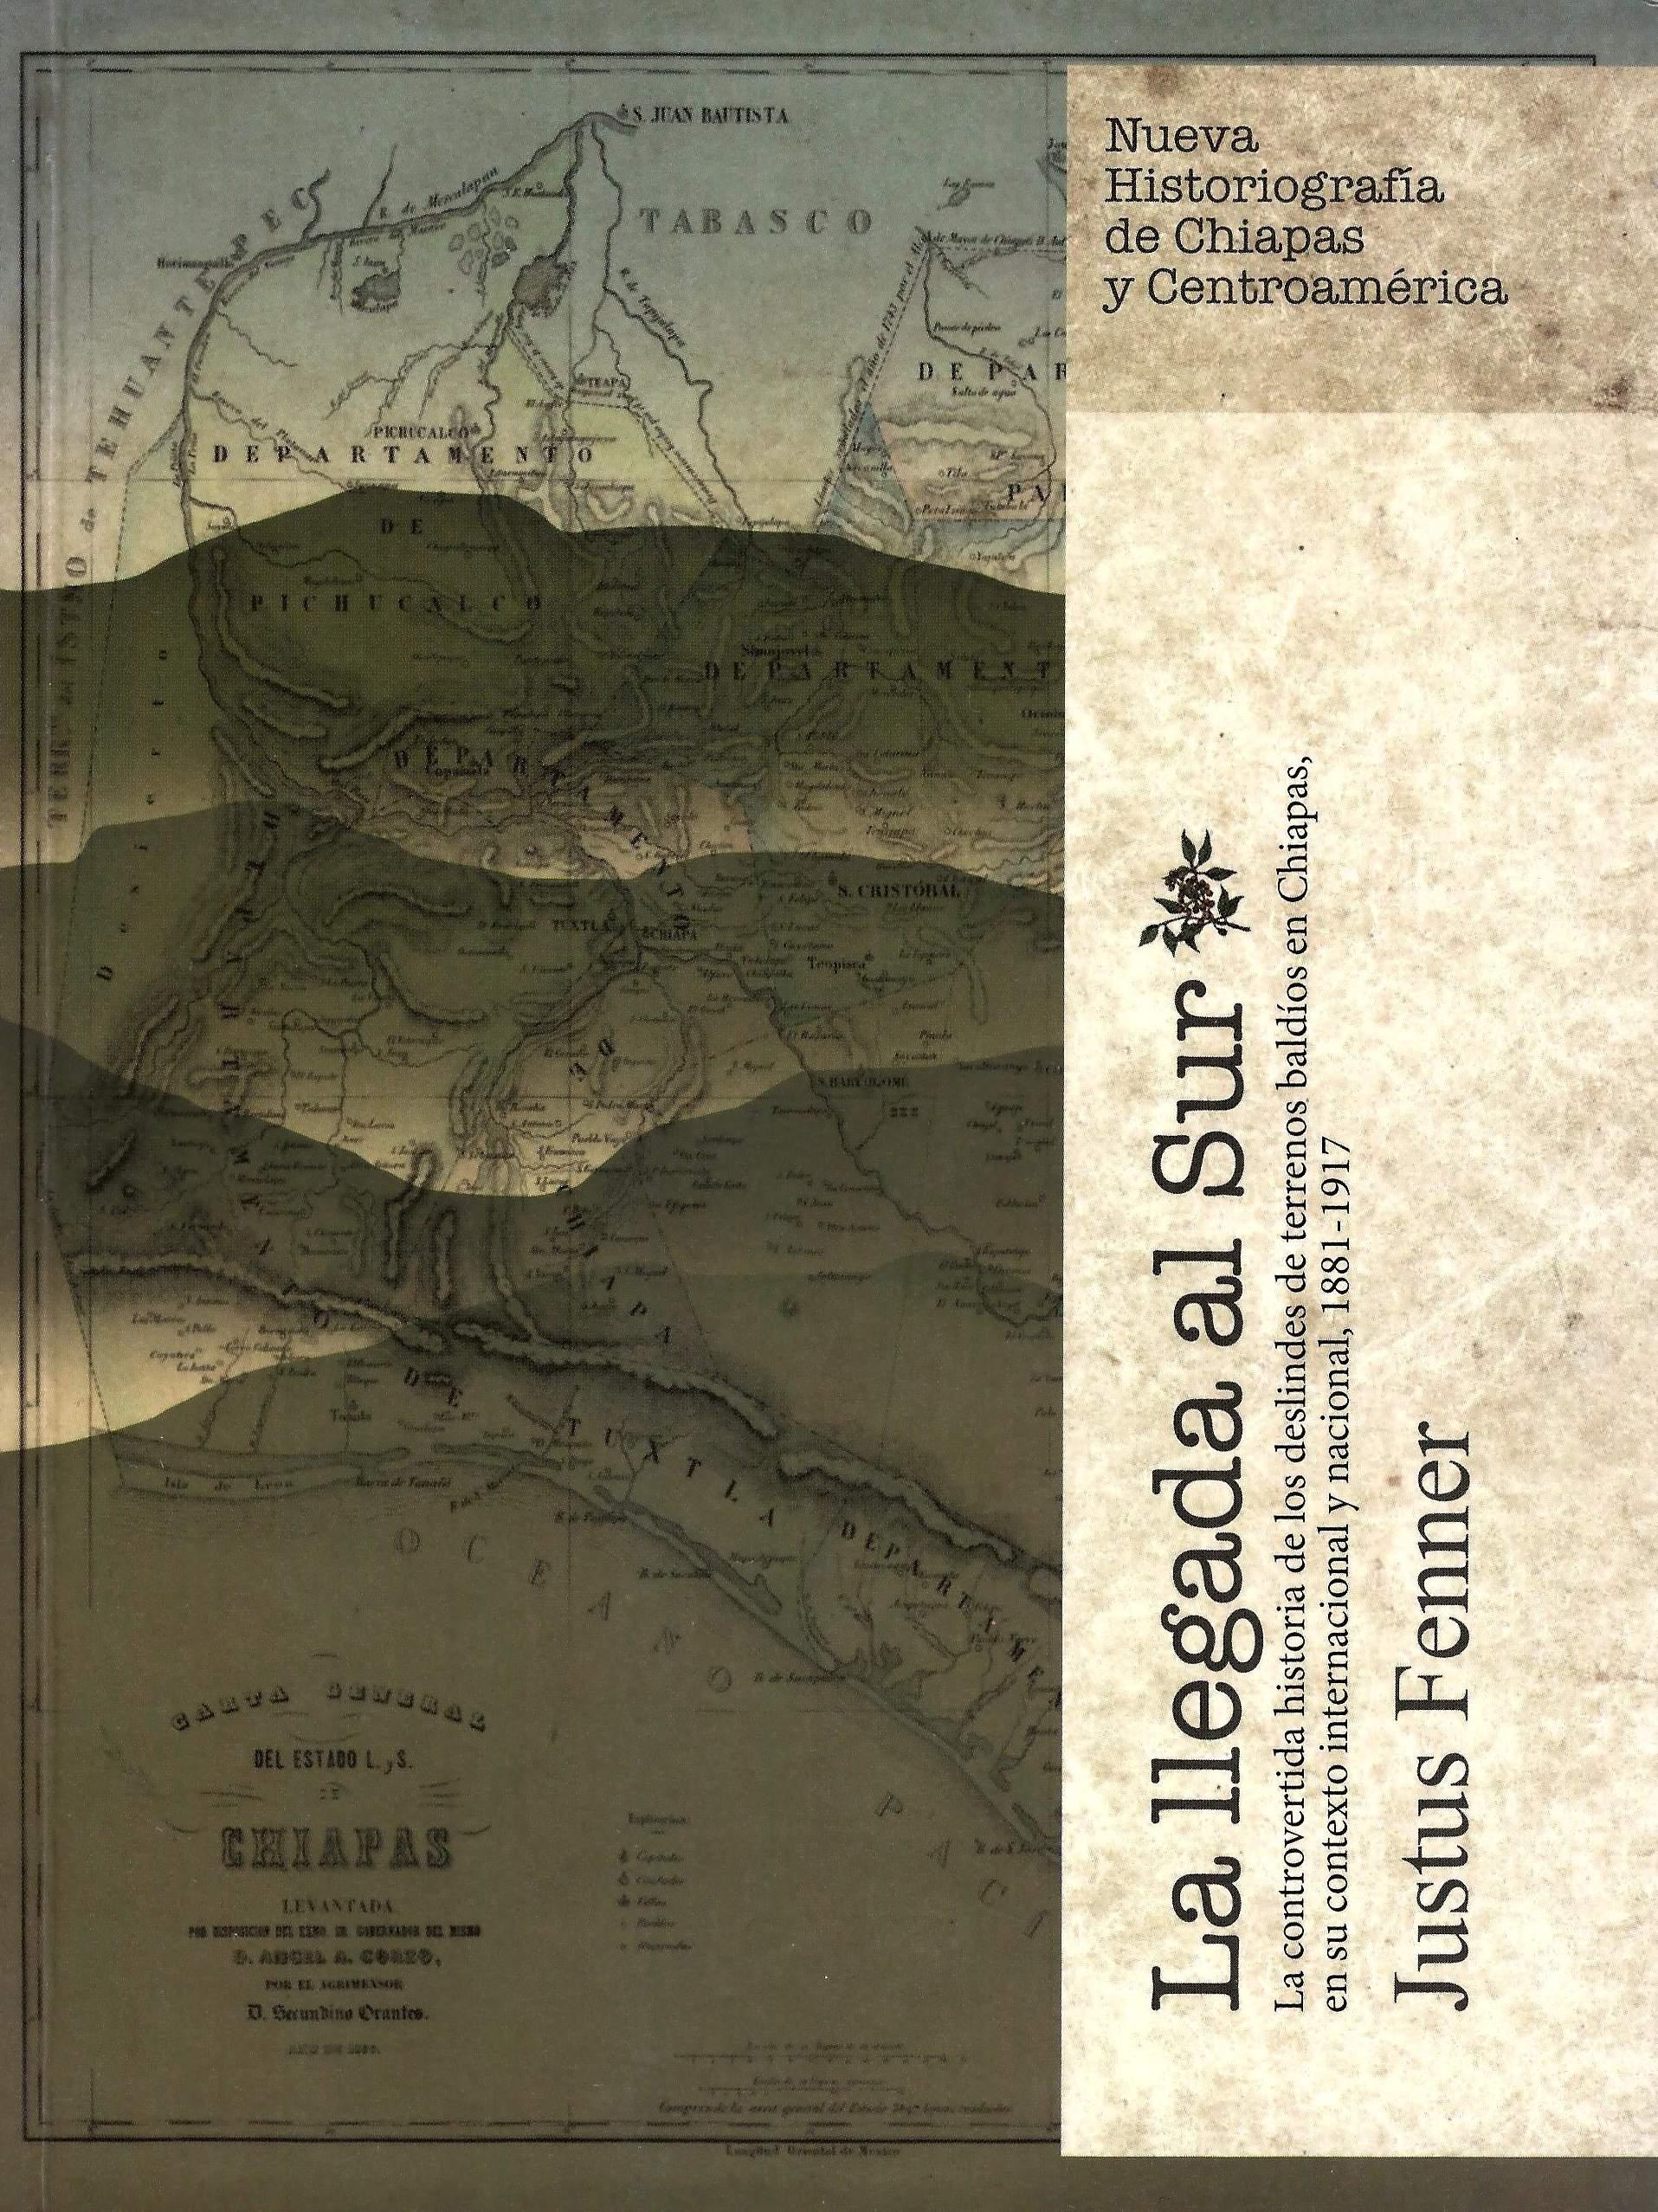 La llegada al sur: la controvertida historia de los deslindes de terrenos baldíos en Chiapas, México en su contexto internacional y nacional, 1881-1917